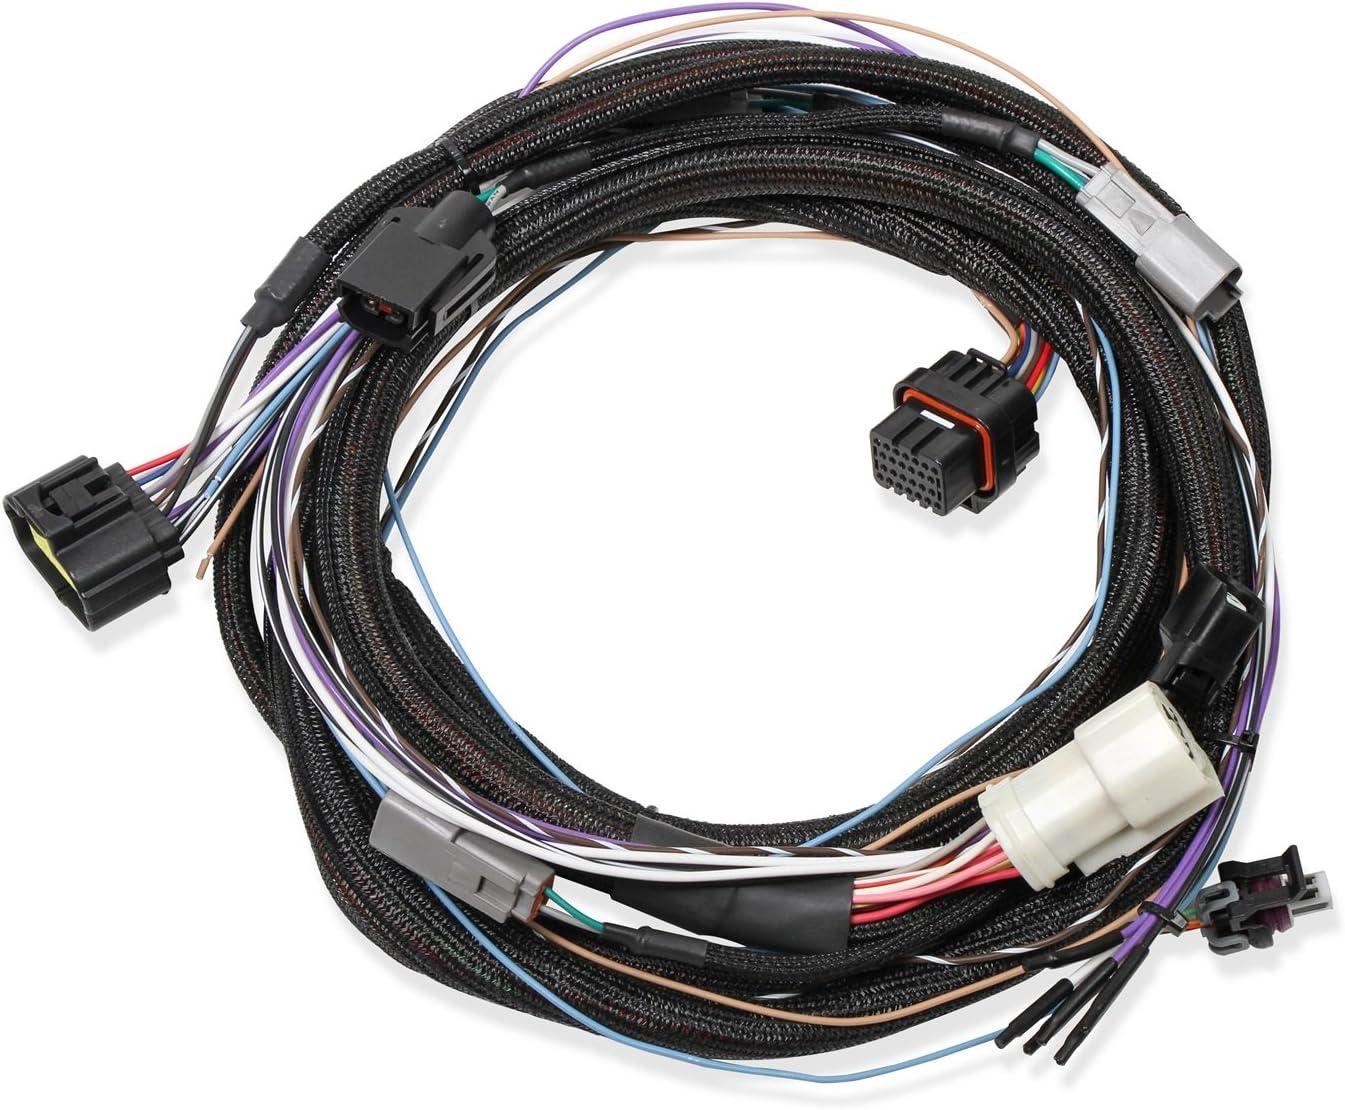 Amazon.com: 4R70with 4R75W 98 Transmission Wire Harness Plug: AutomotiveAmazon.com